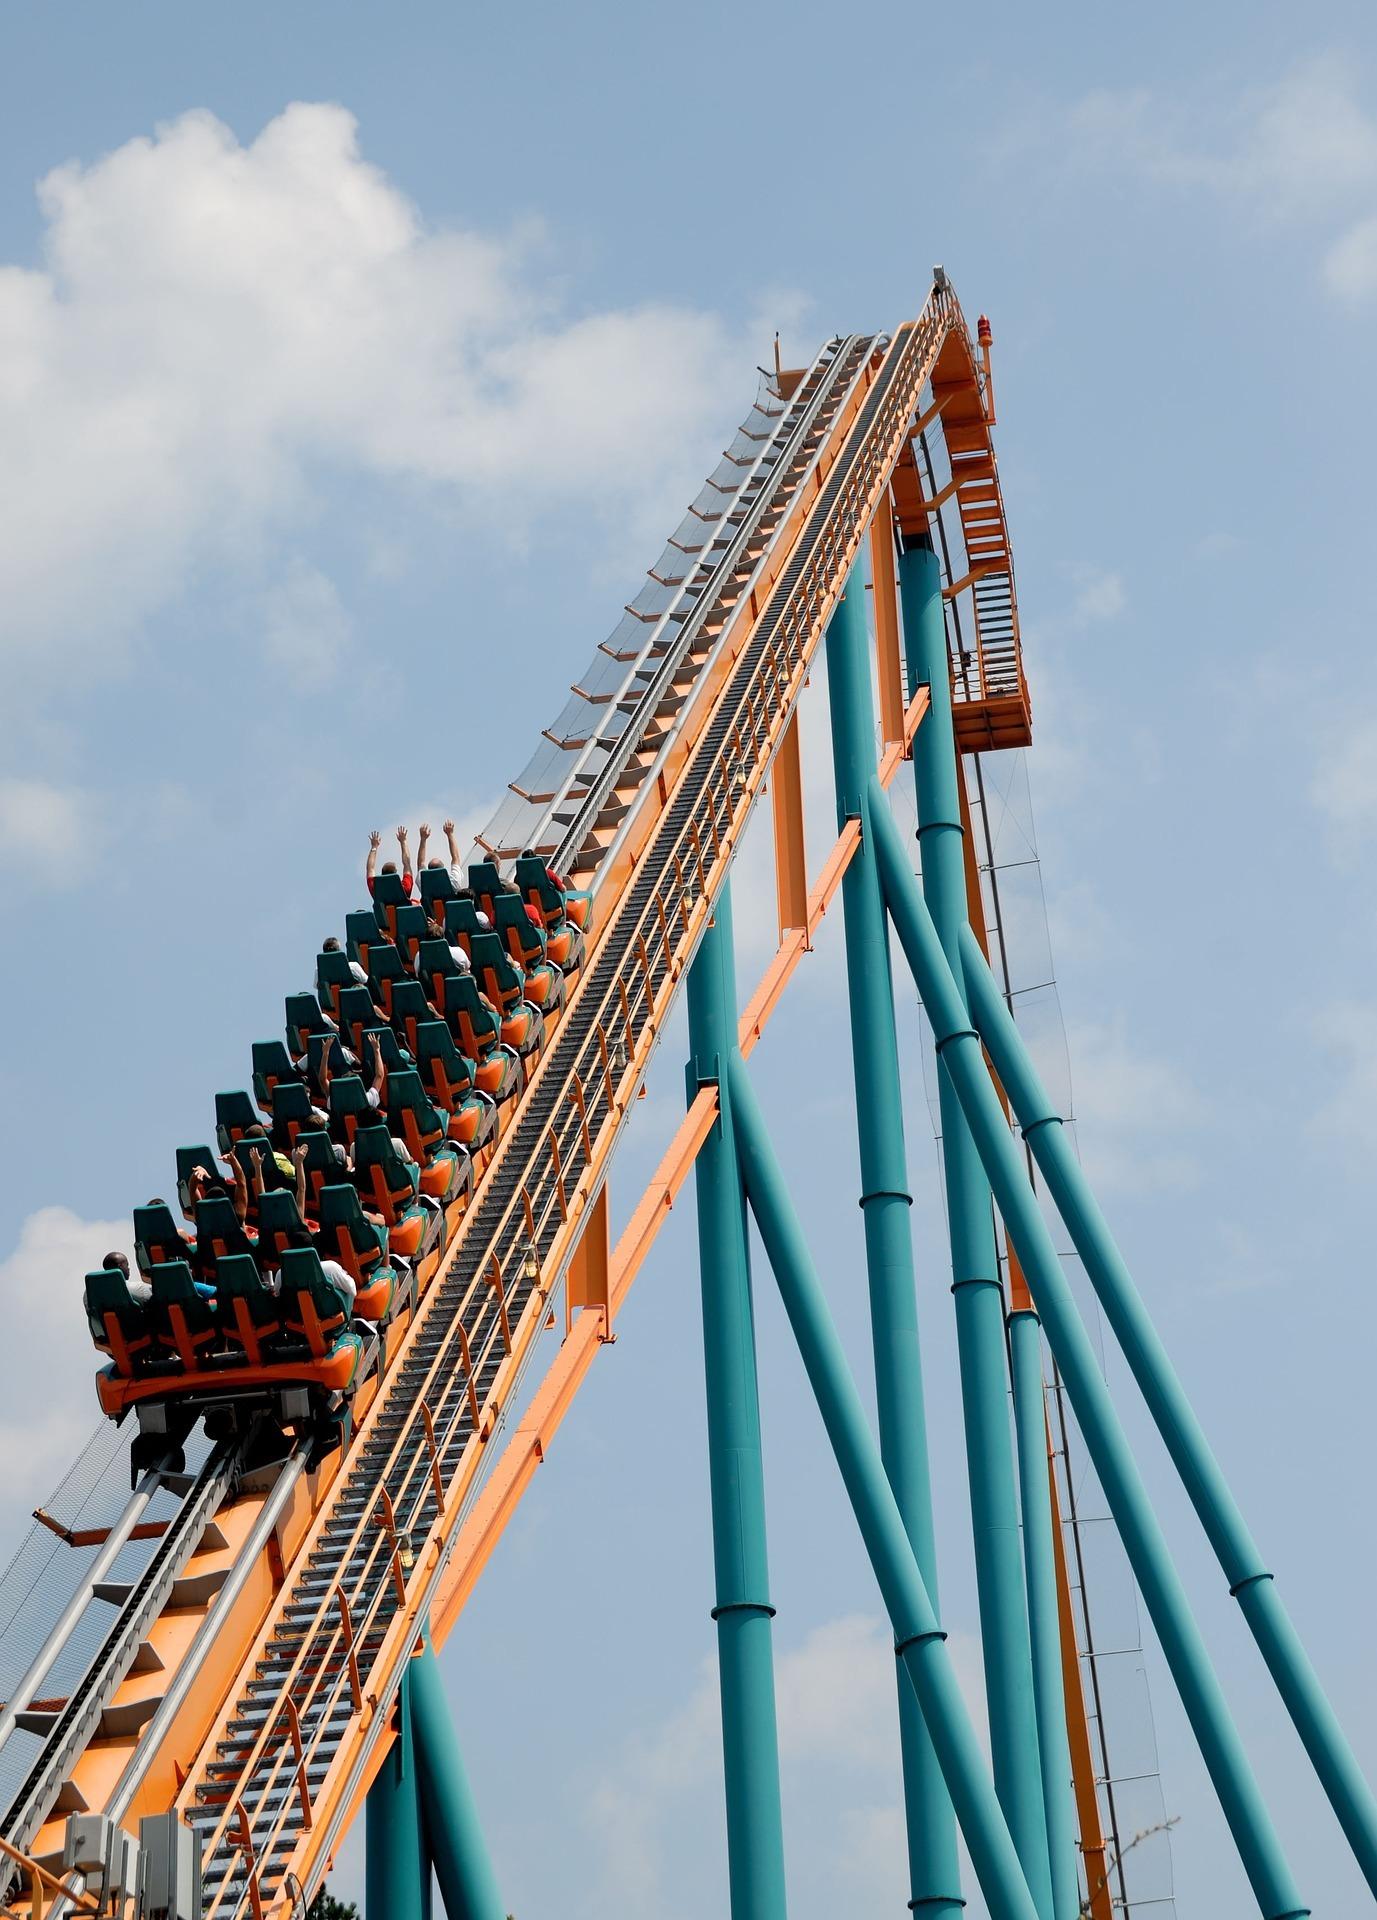 roller-coaster-1701092_1920.jpg